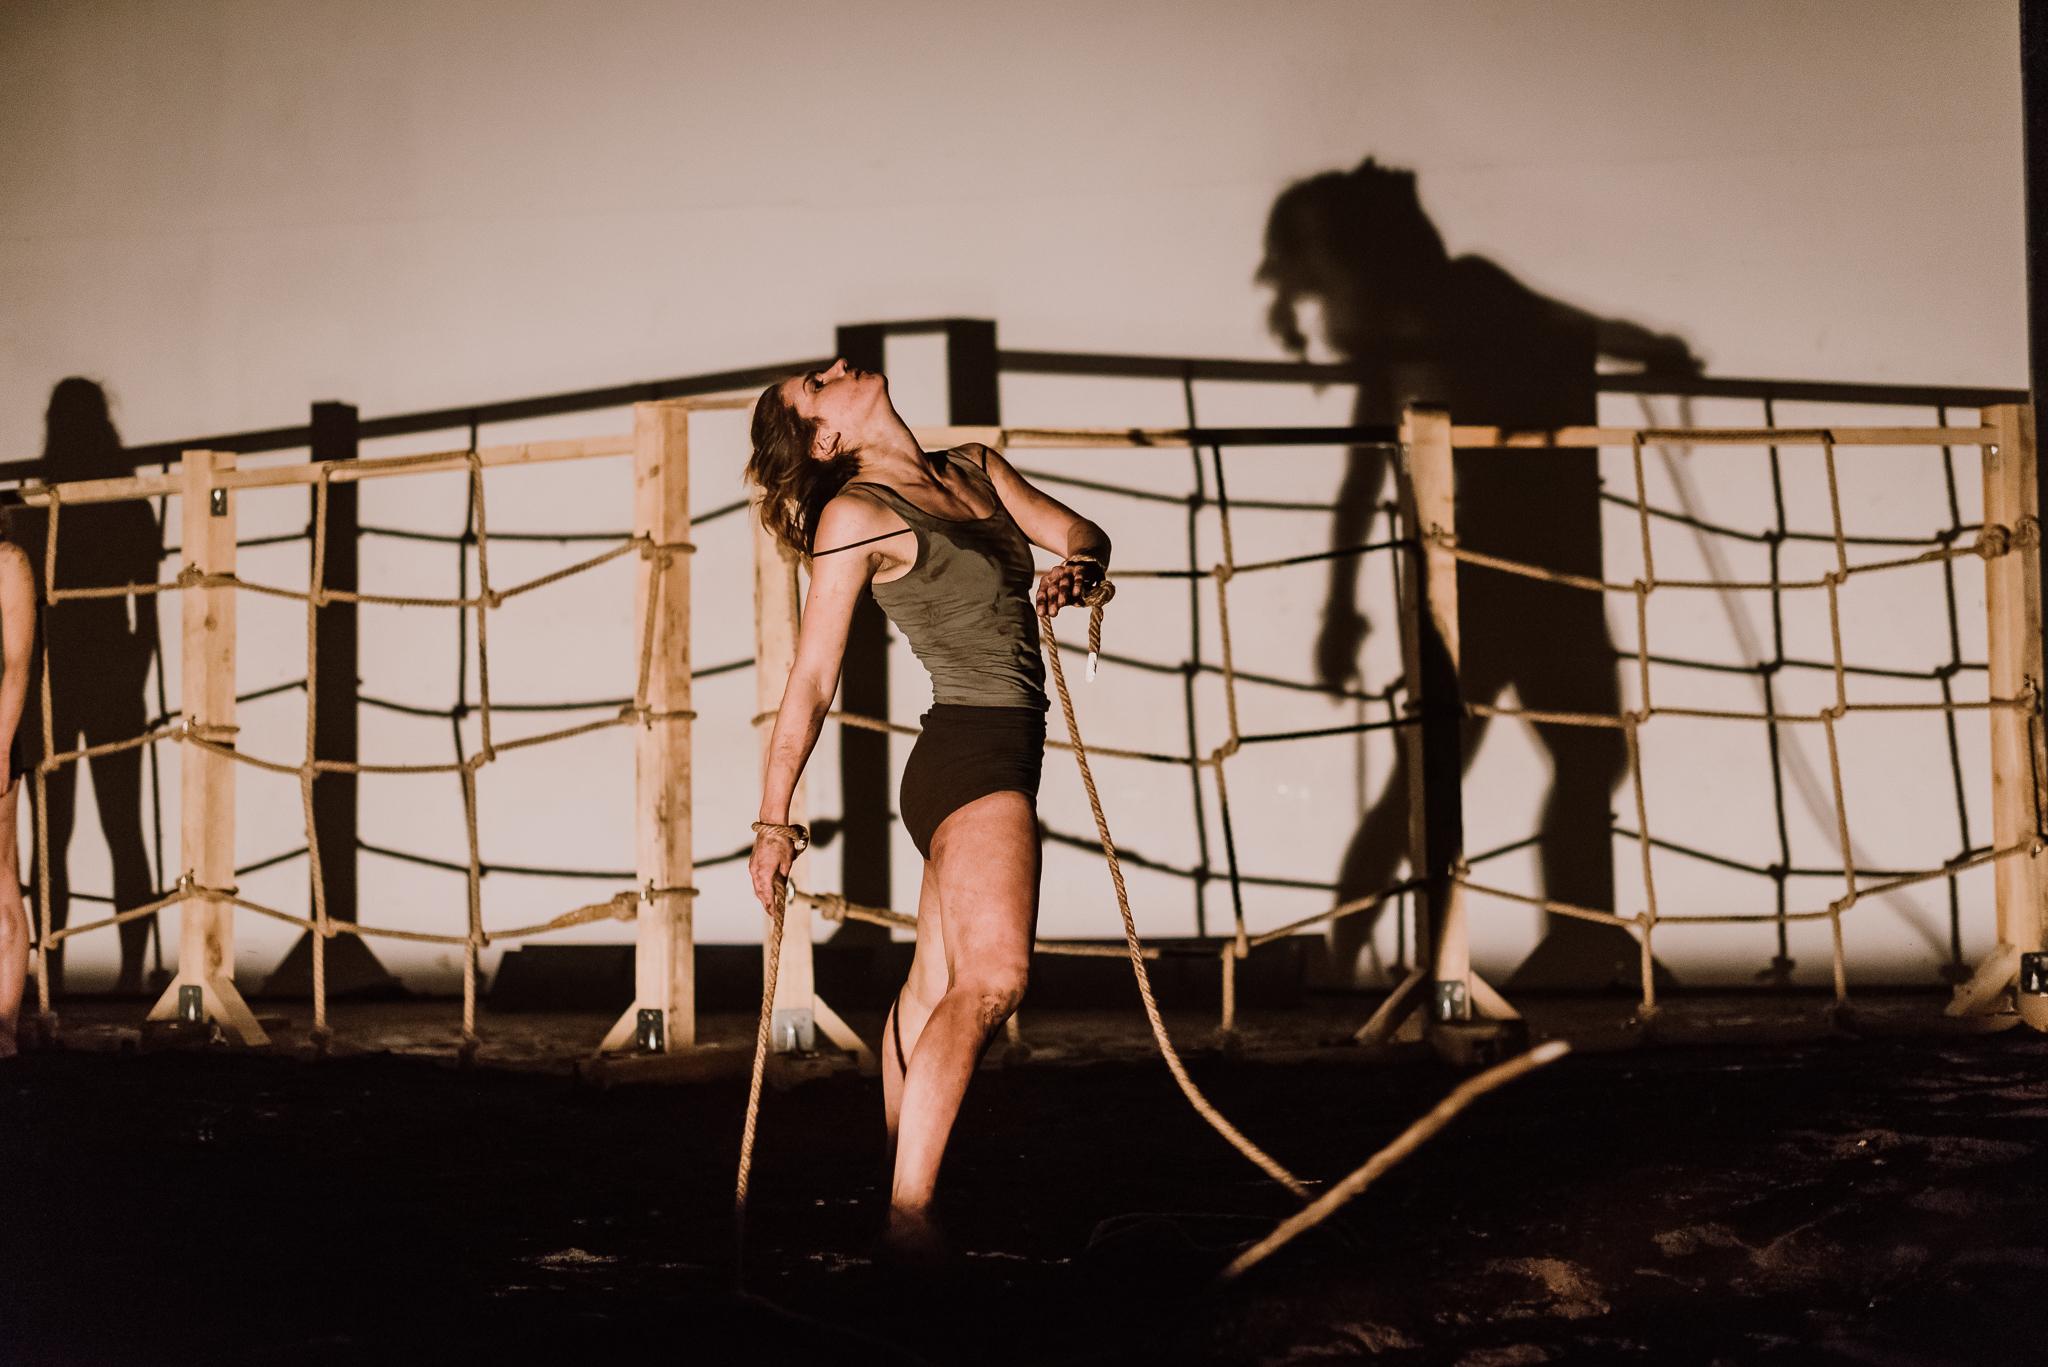 Keresztes Ágnes: Interjú Szabó Franciska táncos - koreográfussal